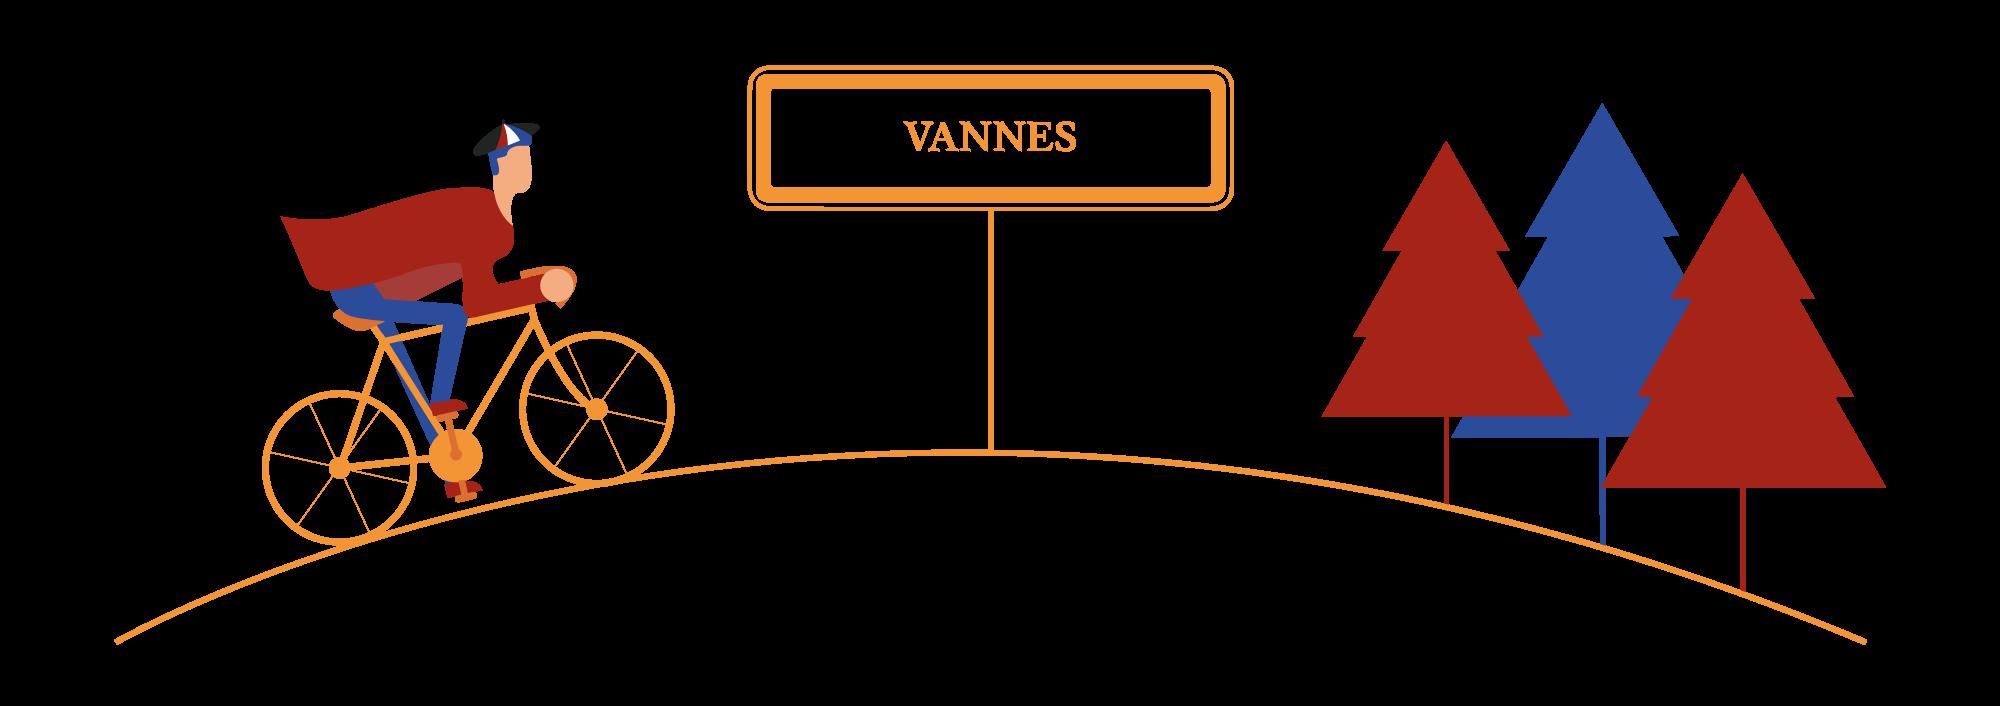 Spécialités de Vannes